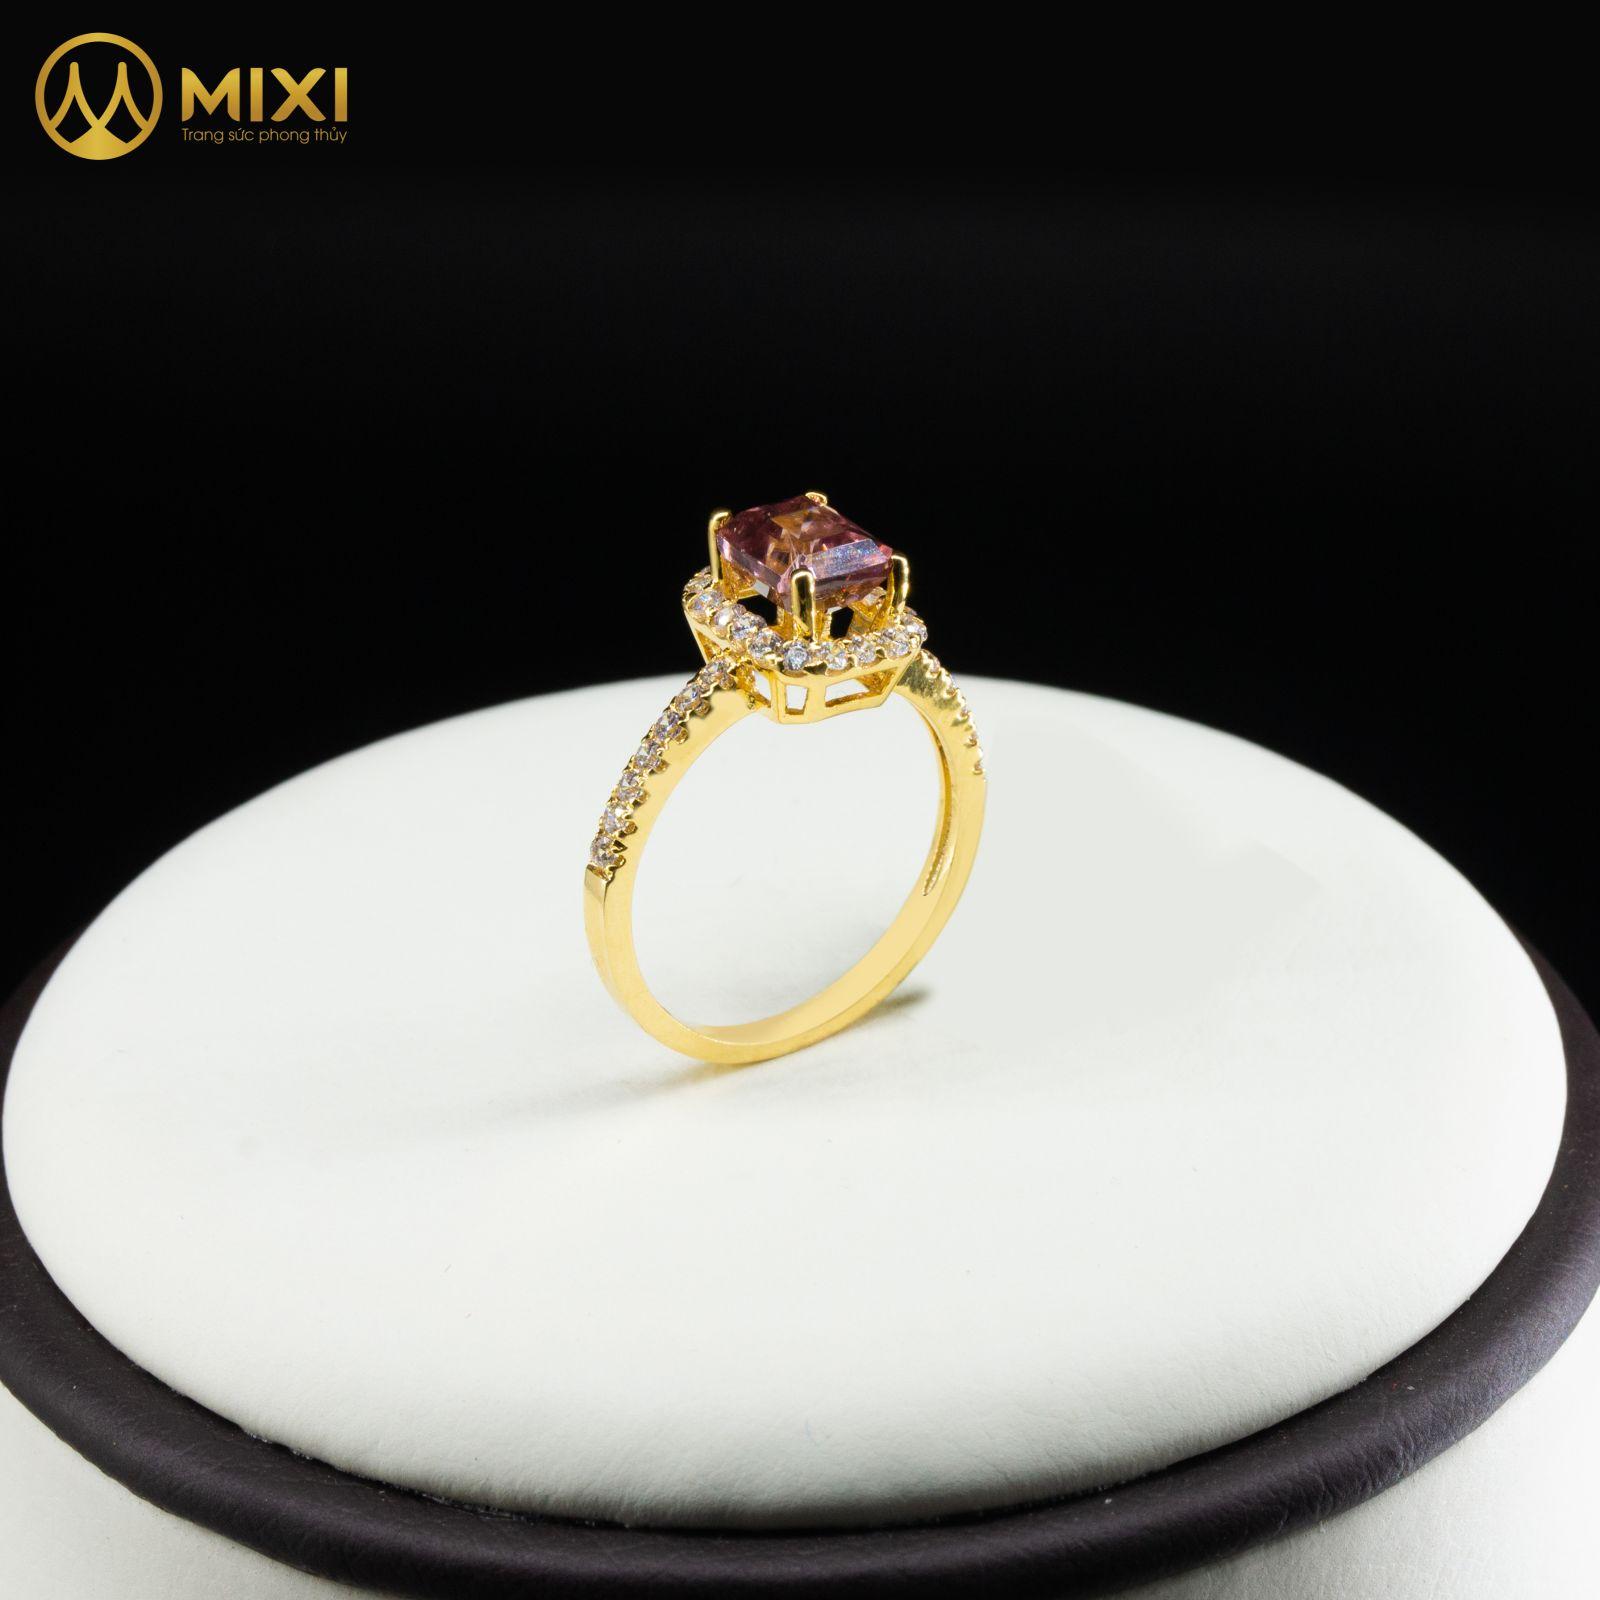 Nhẫn Nữ Mặt Đá Zicong Hồng Chữ Nhật Vàng 10K_Sủi Đá